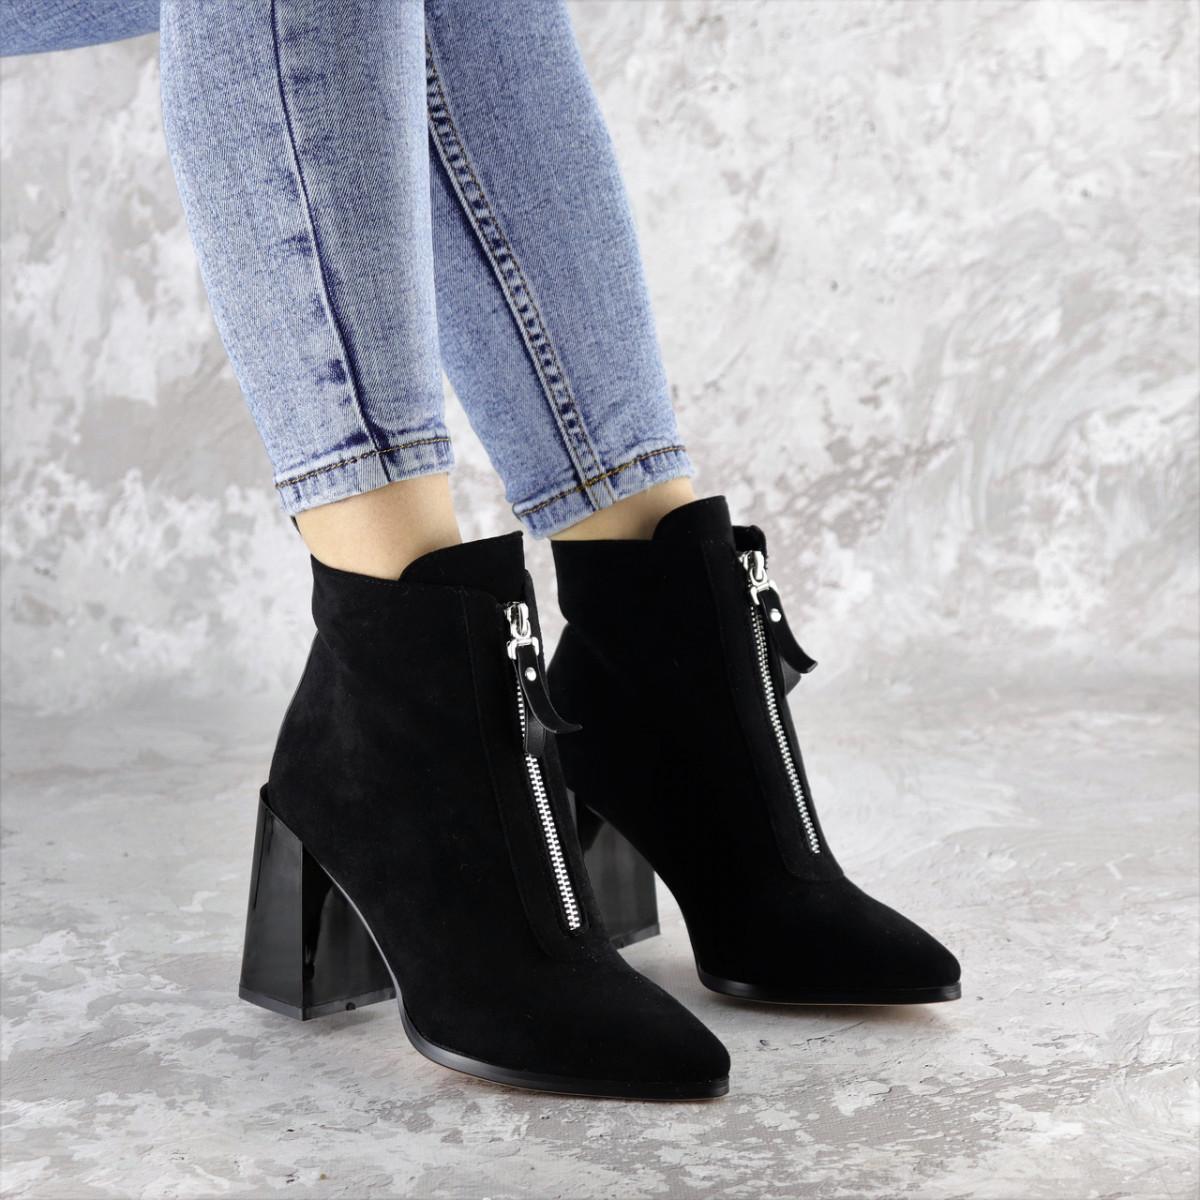 Ботинки женские черные Springer 2404 (36 размер)